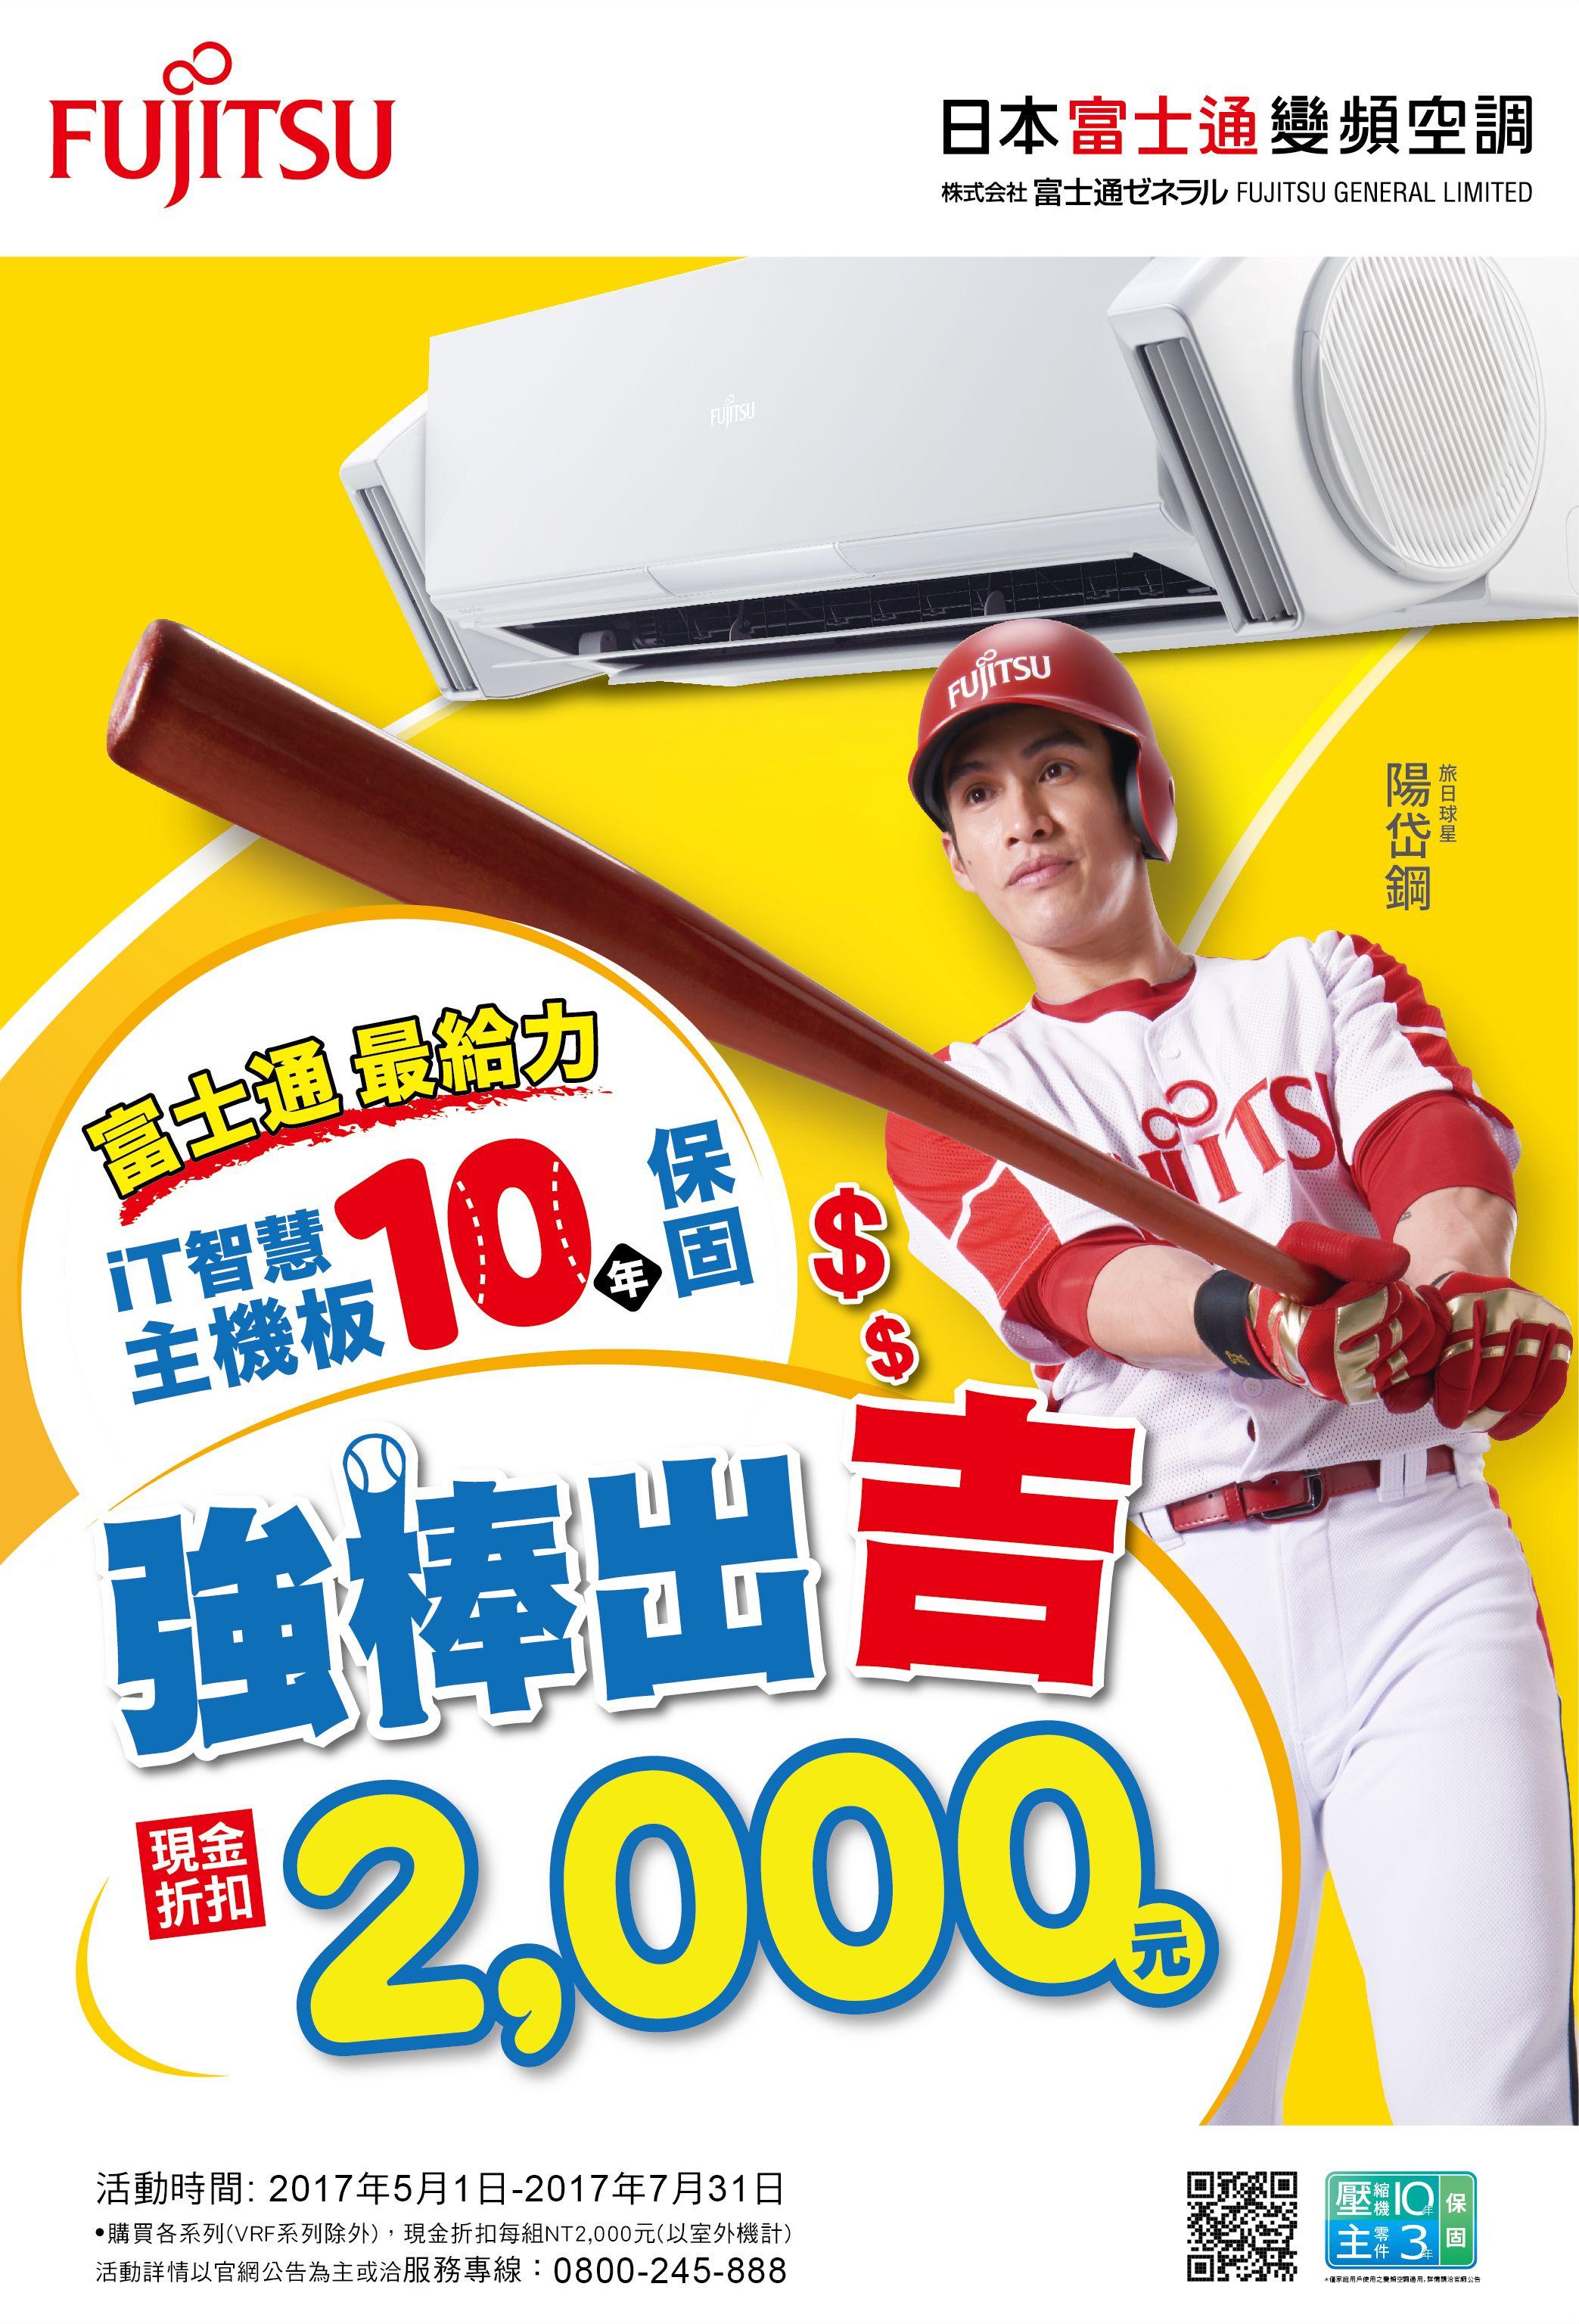 170424-2017富士通強棒出吉海報-2